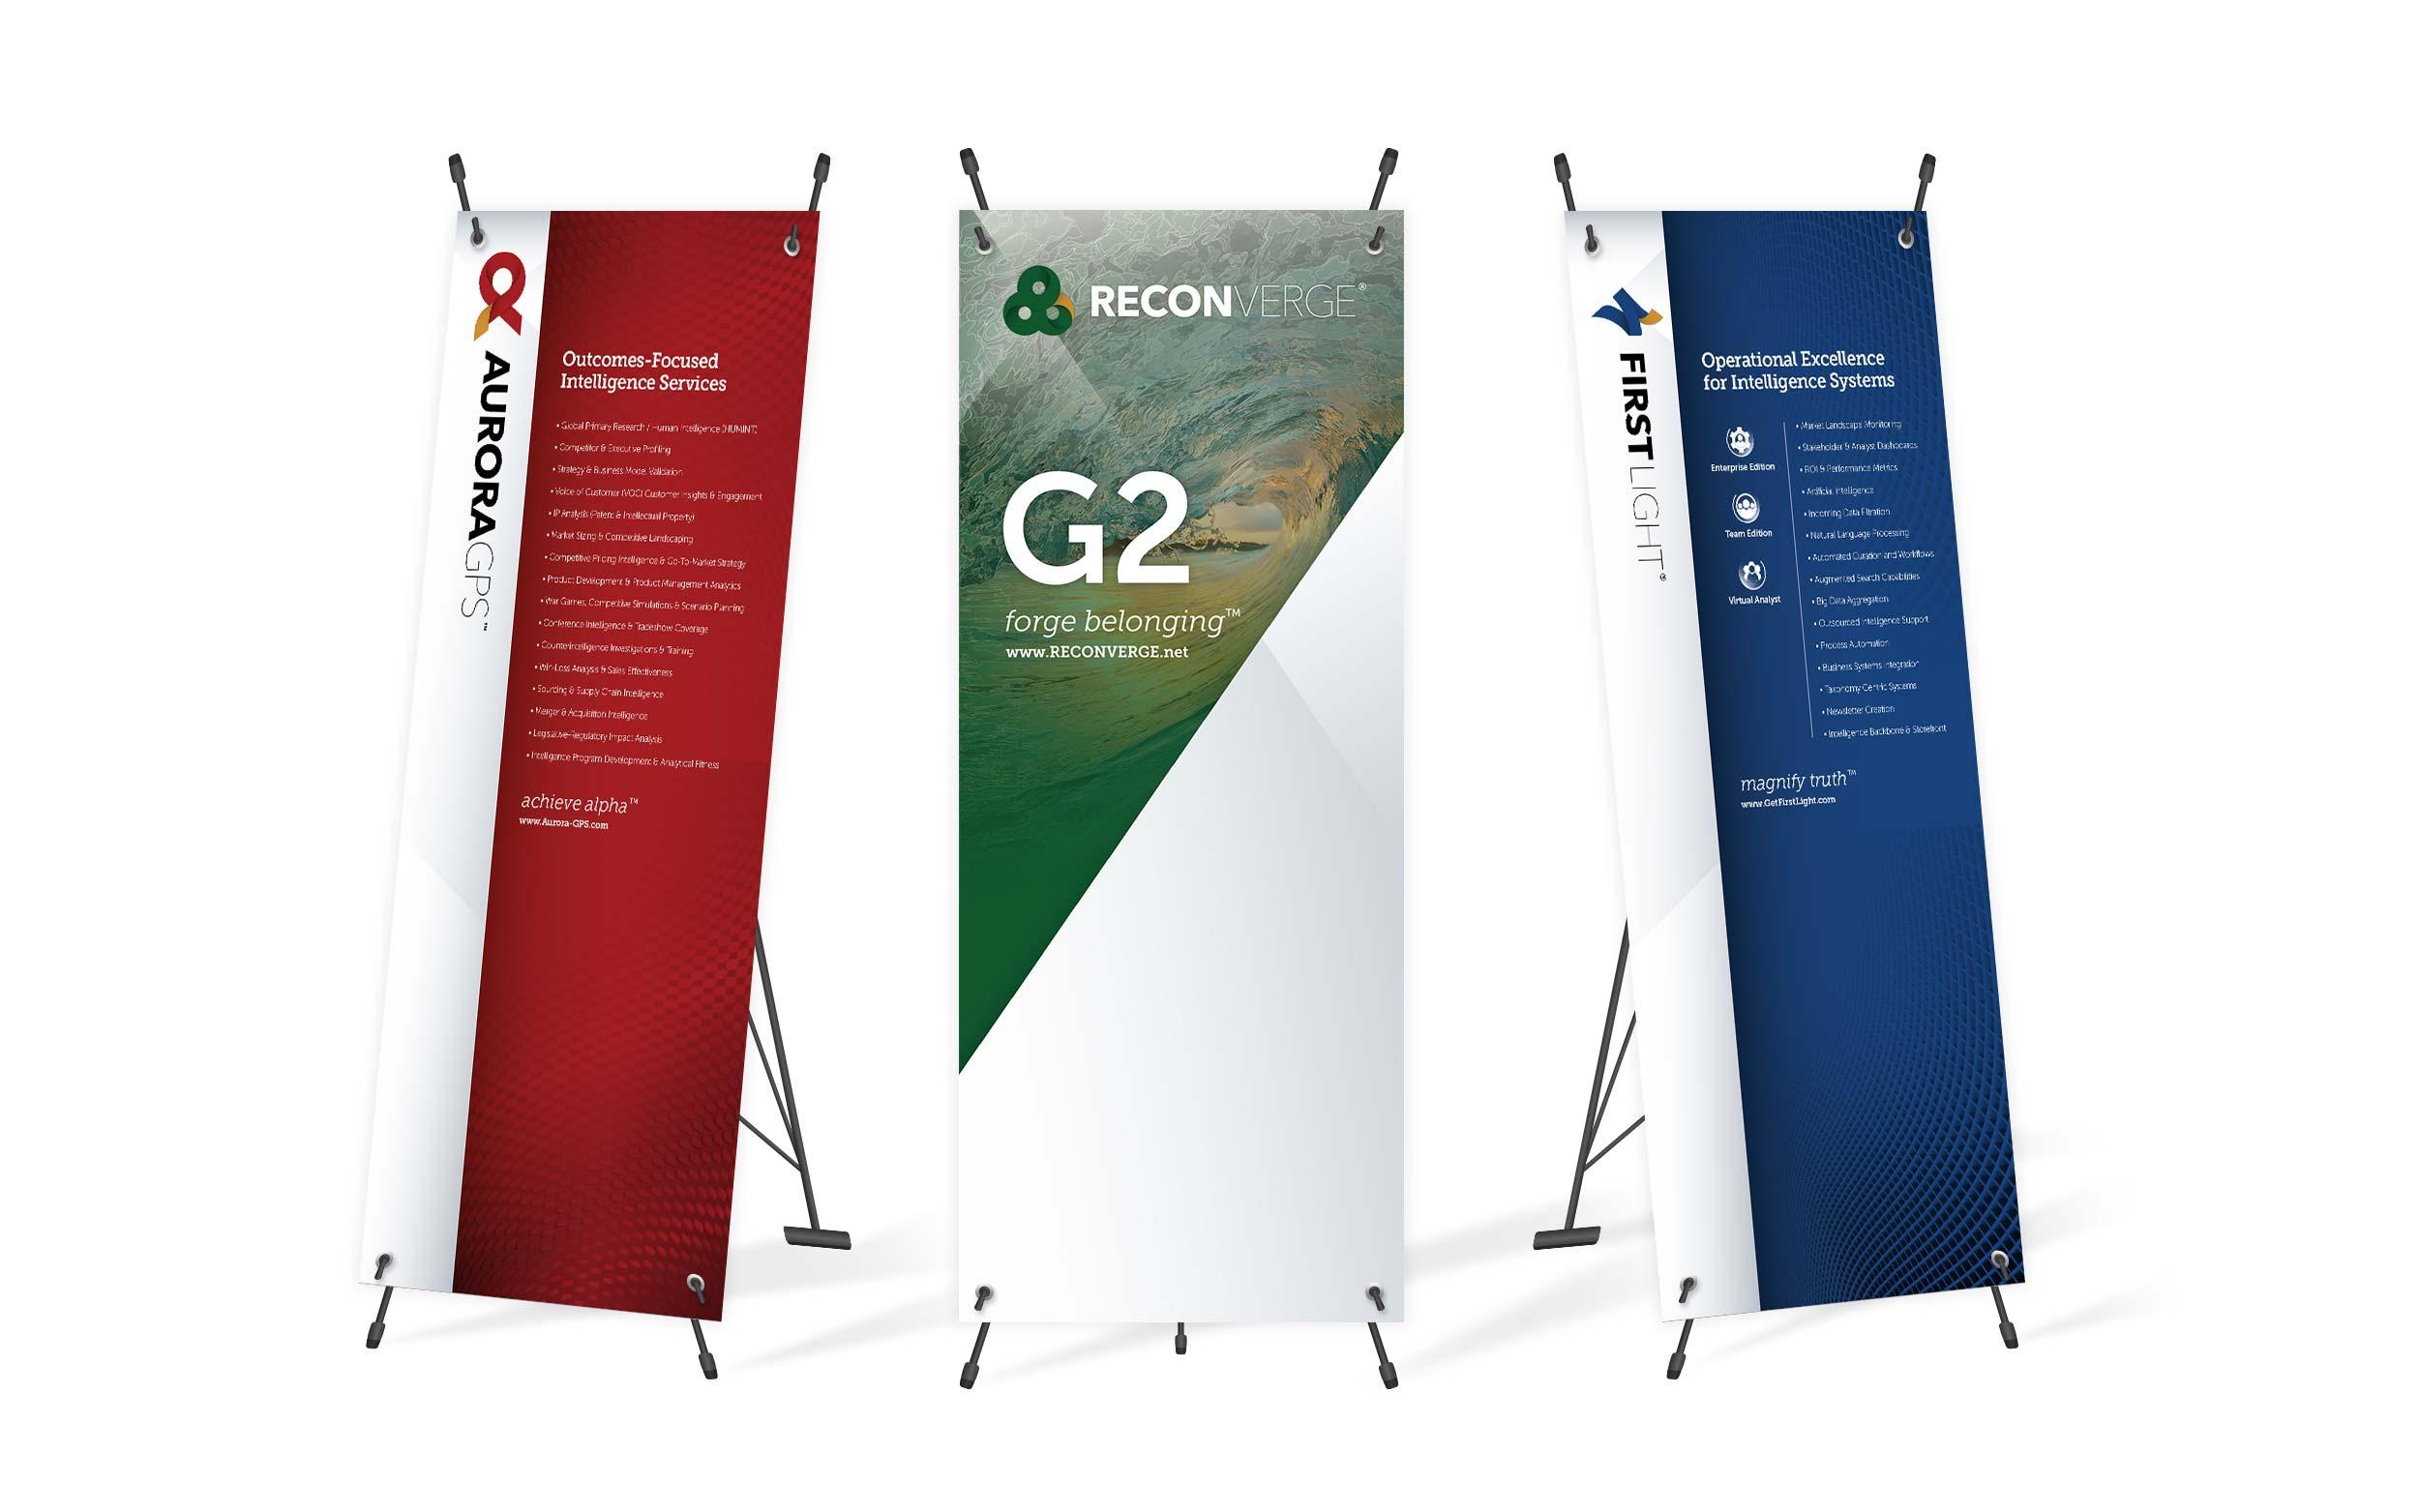 Aurora-Mockup-Banners